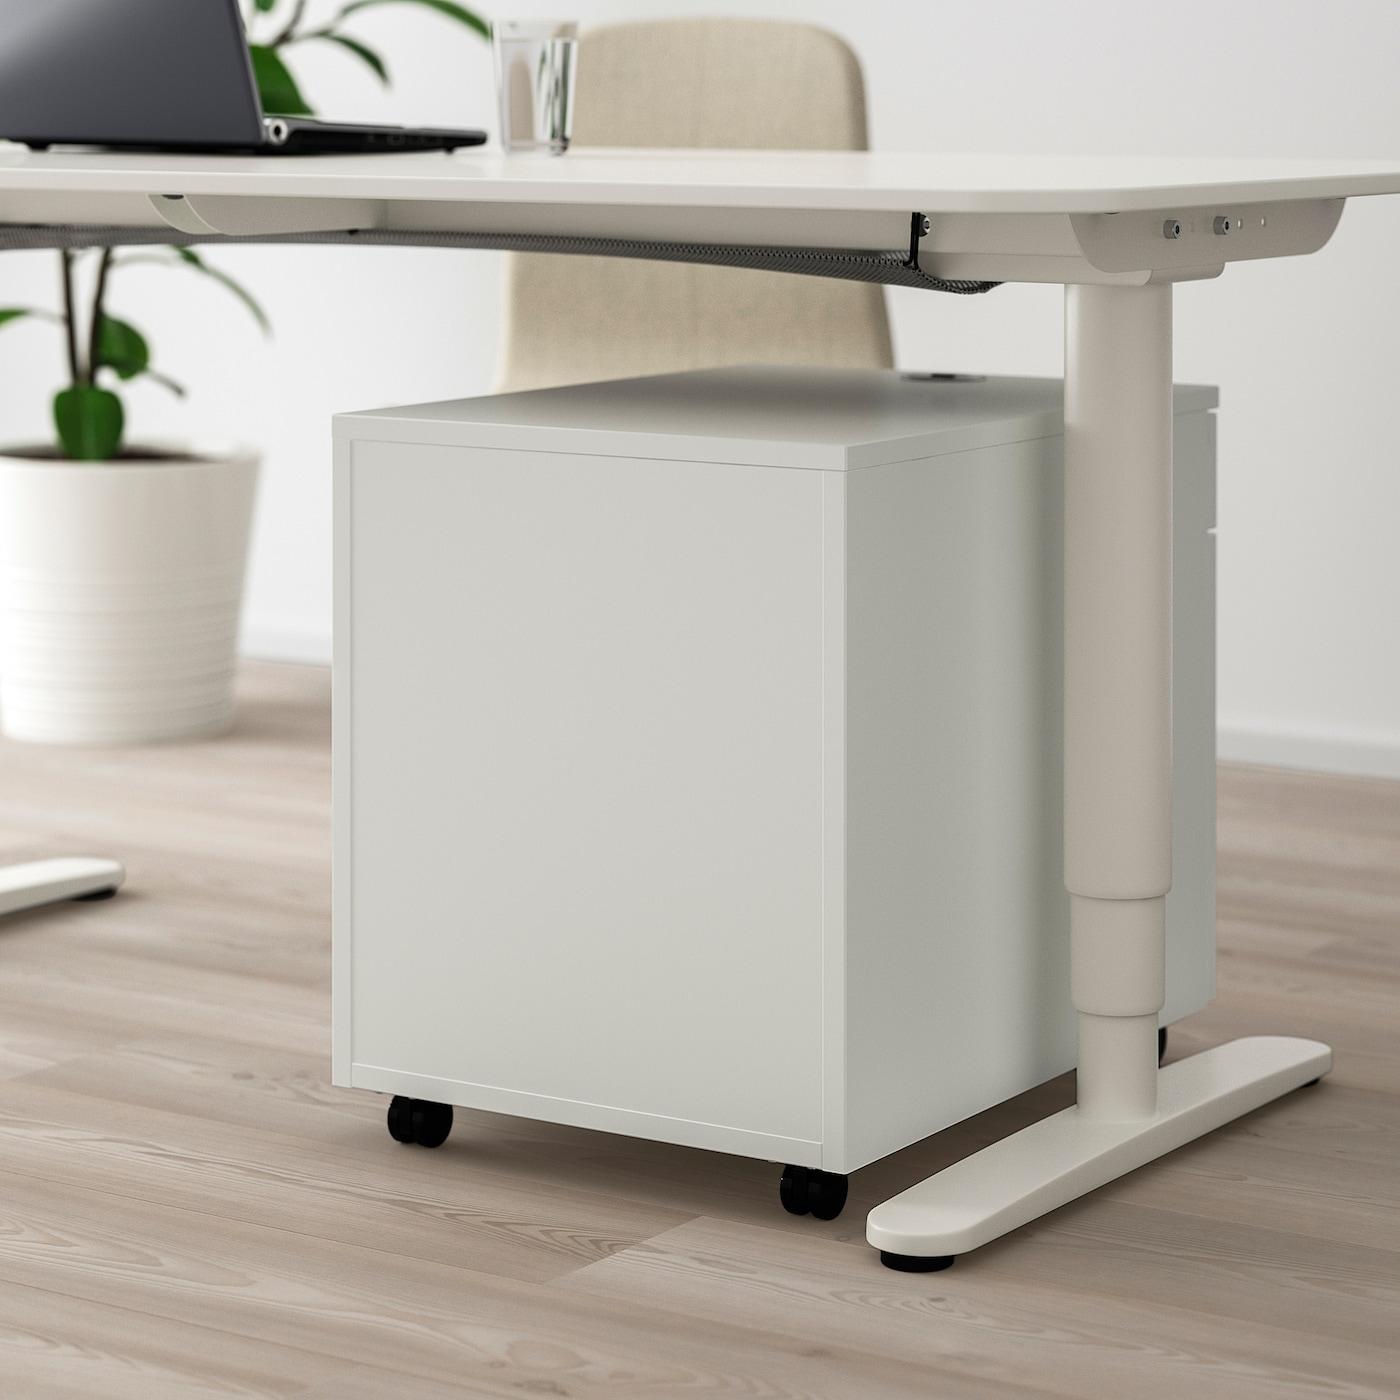 Mettre Des Roulettes Sous Une Table galant caisson à tiroirs sur roulettes - blanc 45x55 cm